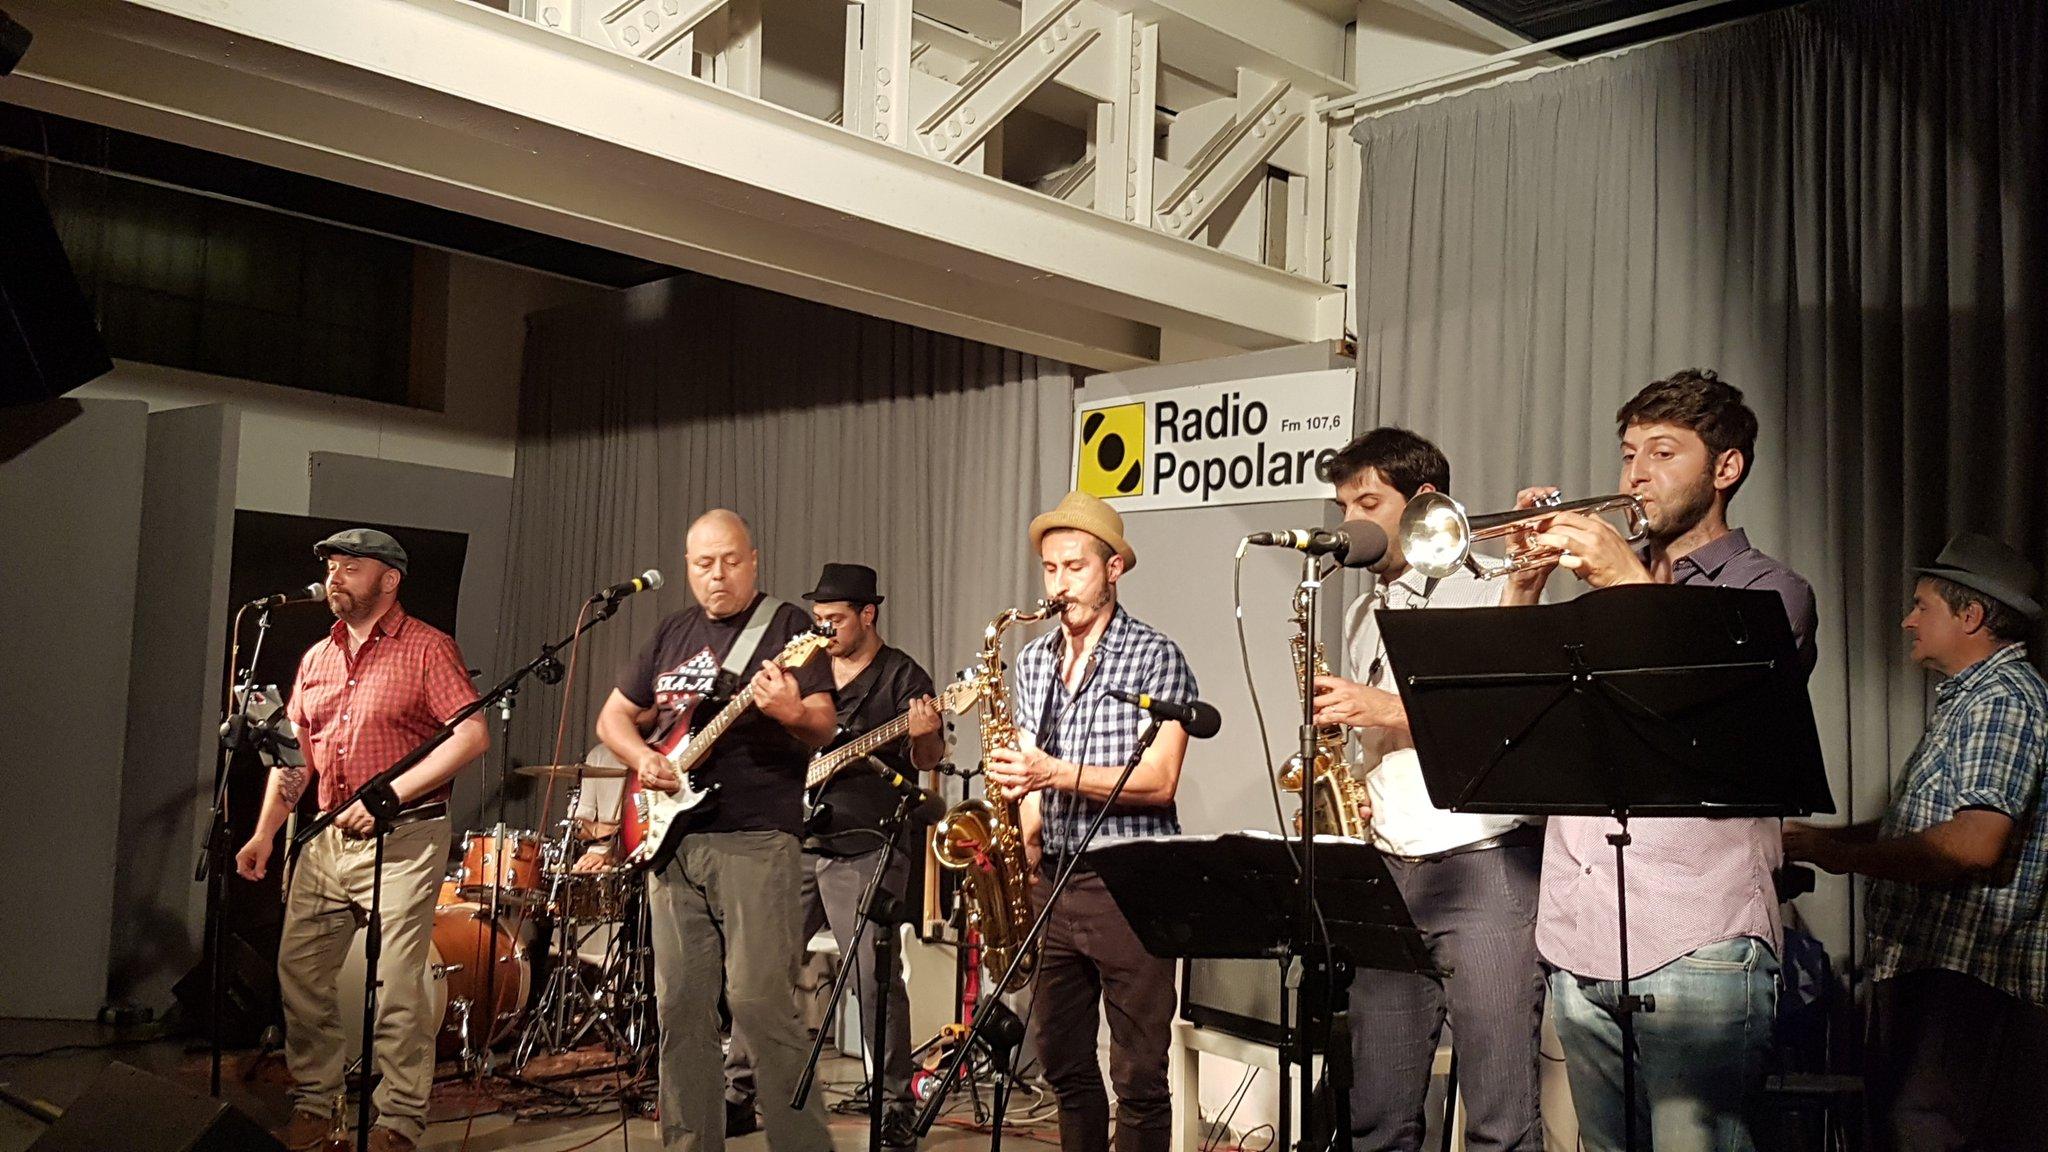 Concerto degli Arpioni. Il reunion tour dello storico gruppo di ska orobico fa tappa a Radio Popolare.